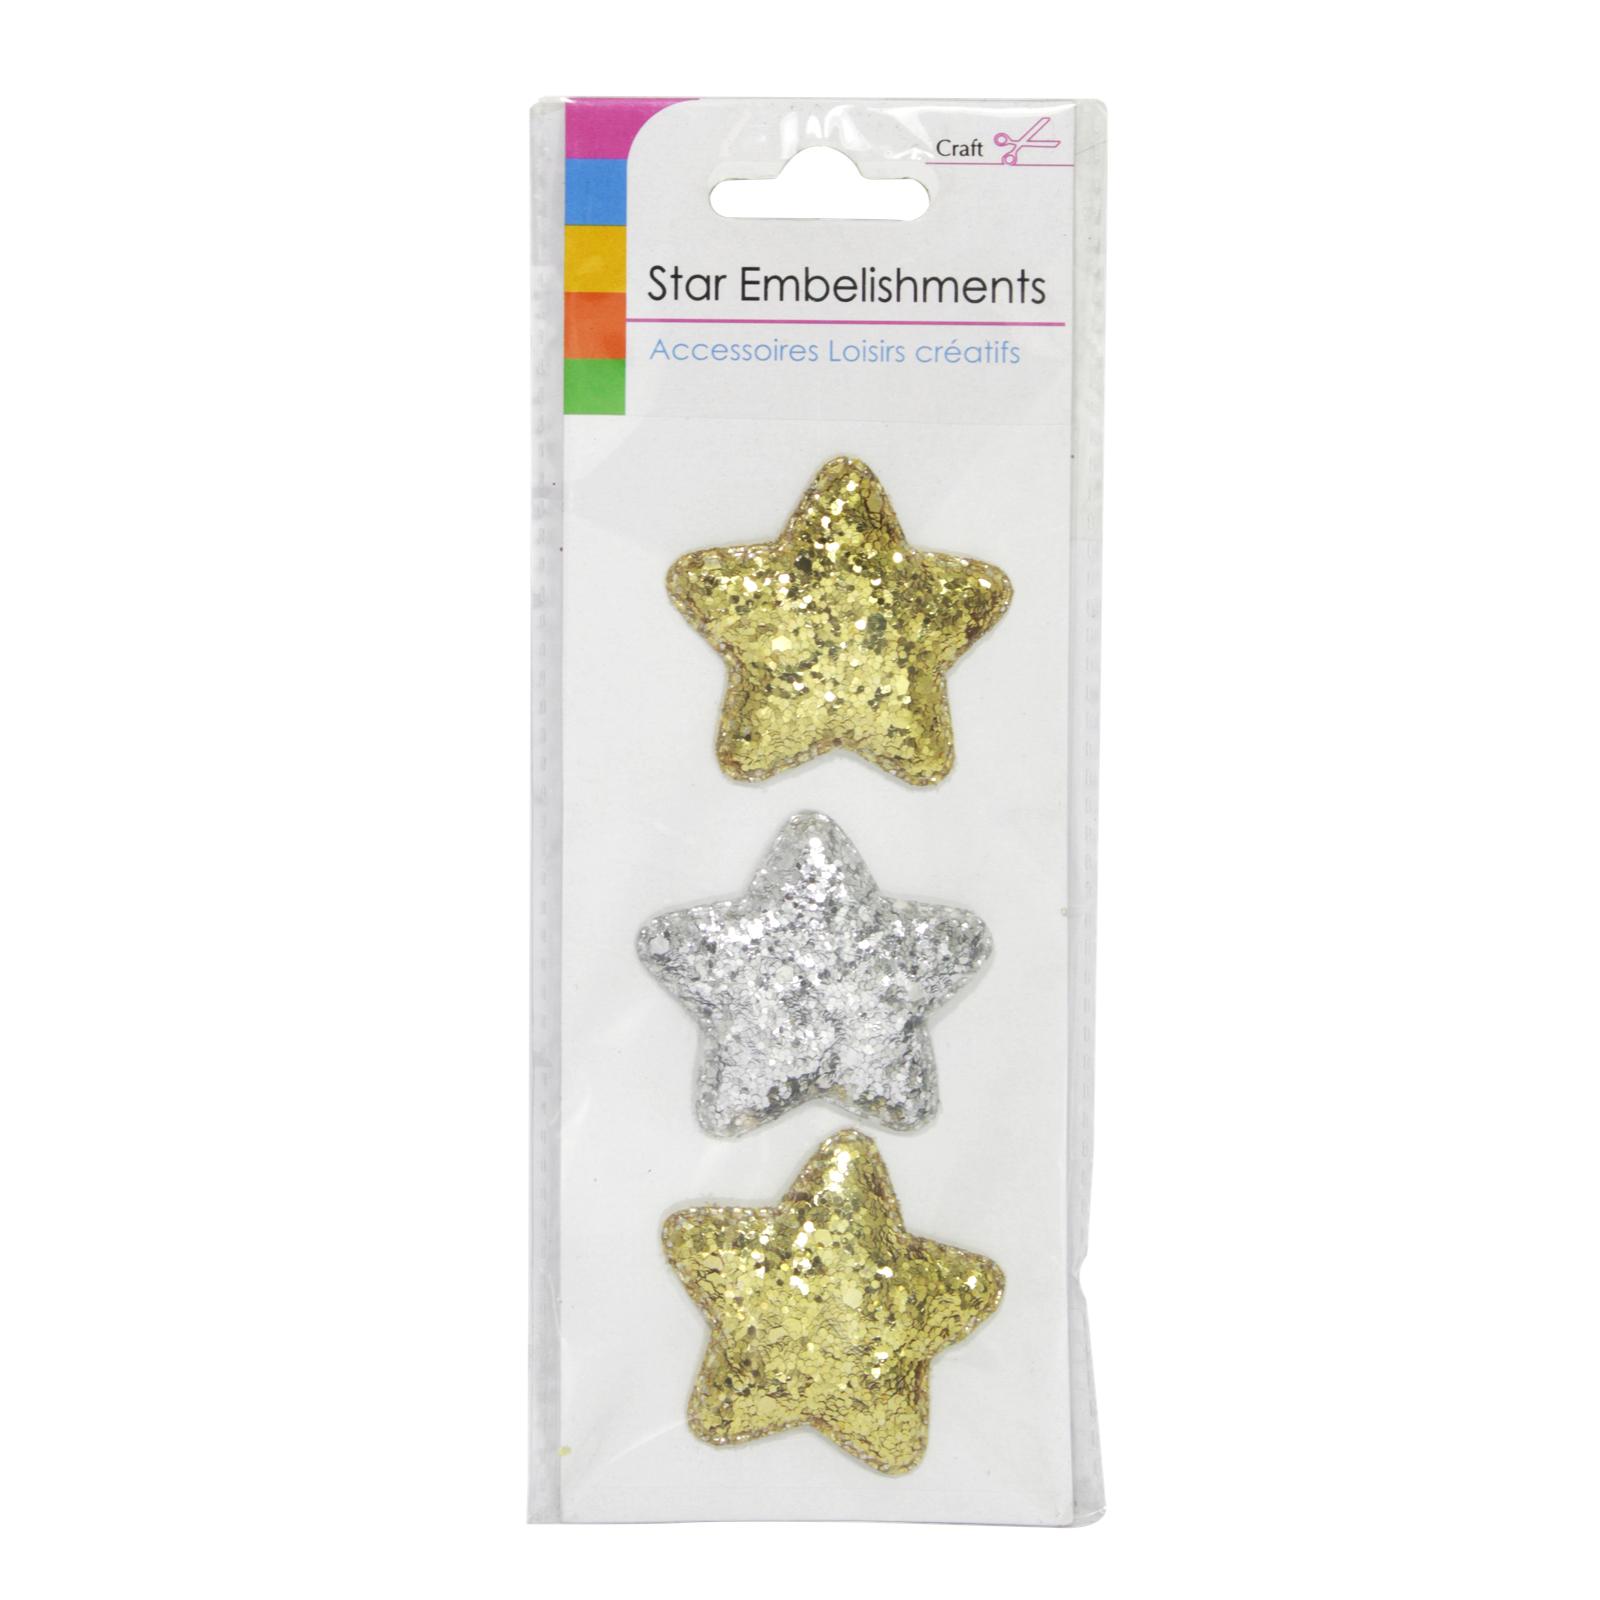 SIL GLITTER STAR EMBELLISHMENT 3PK